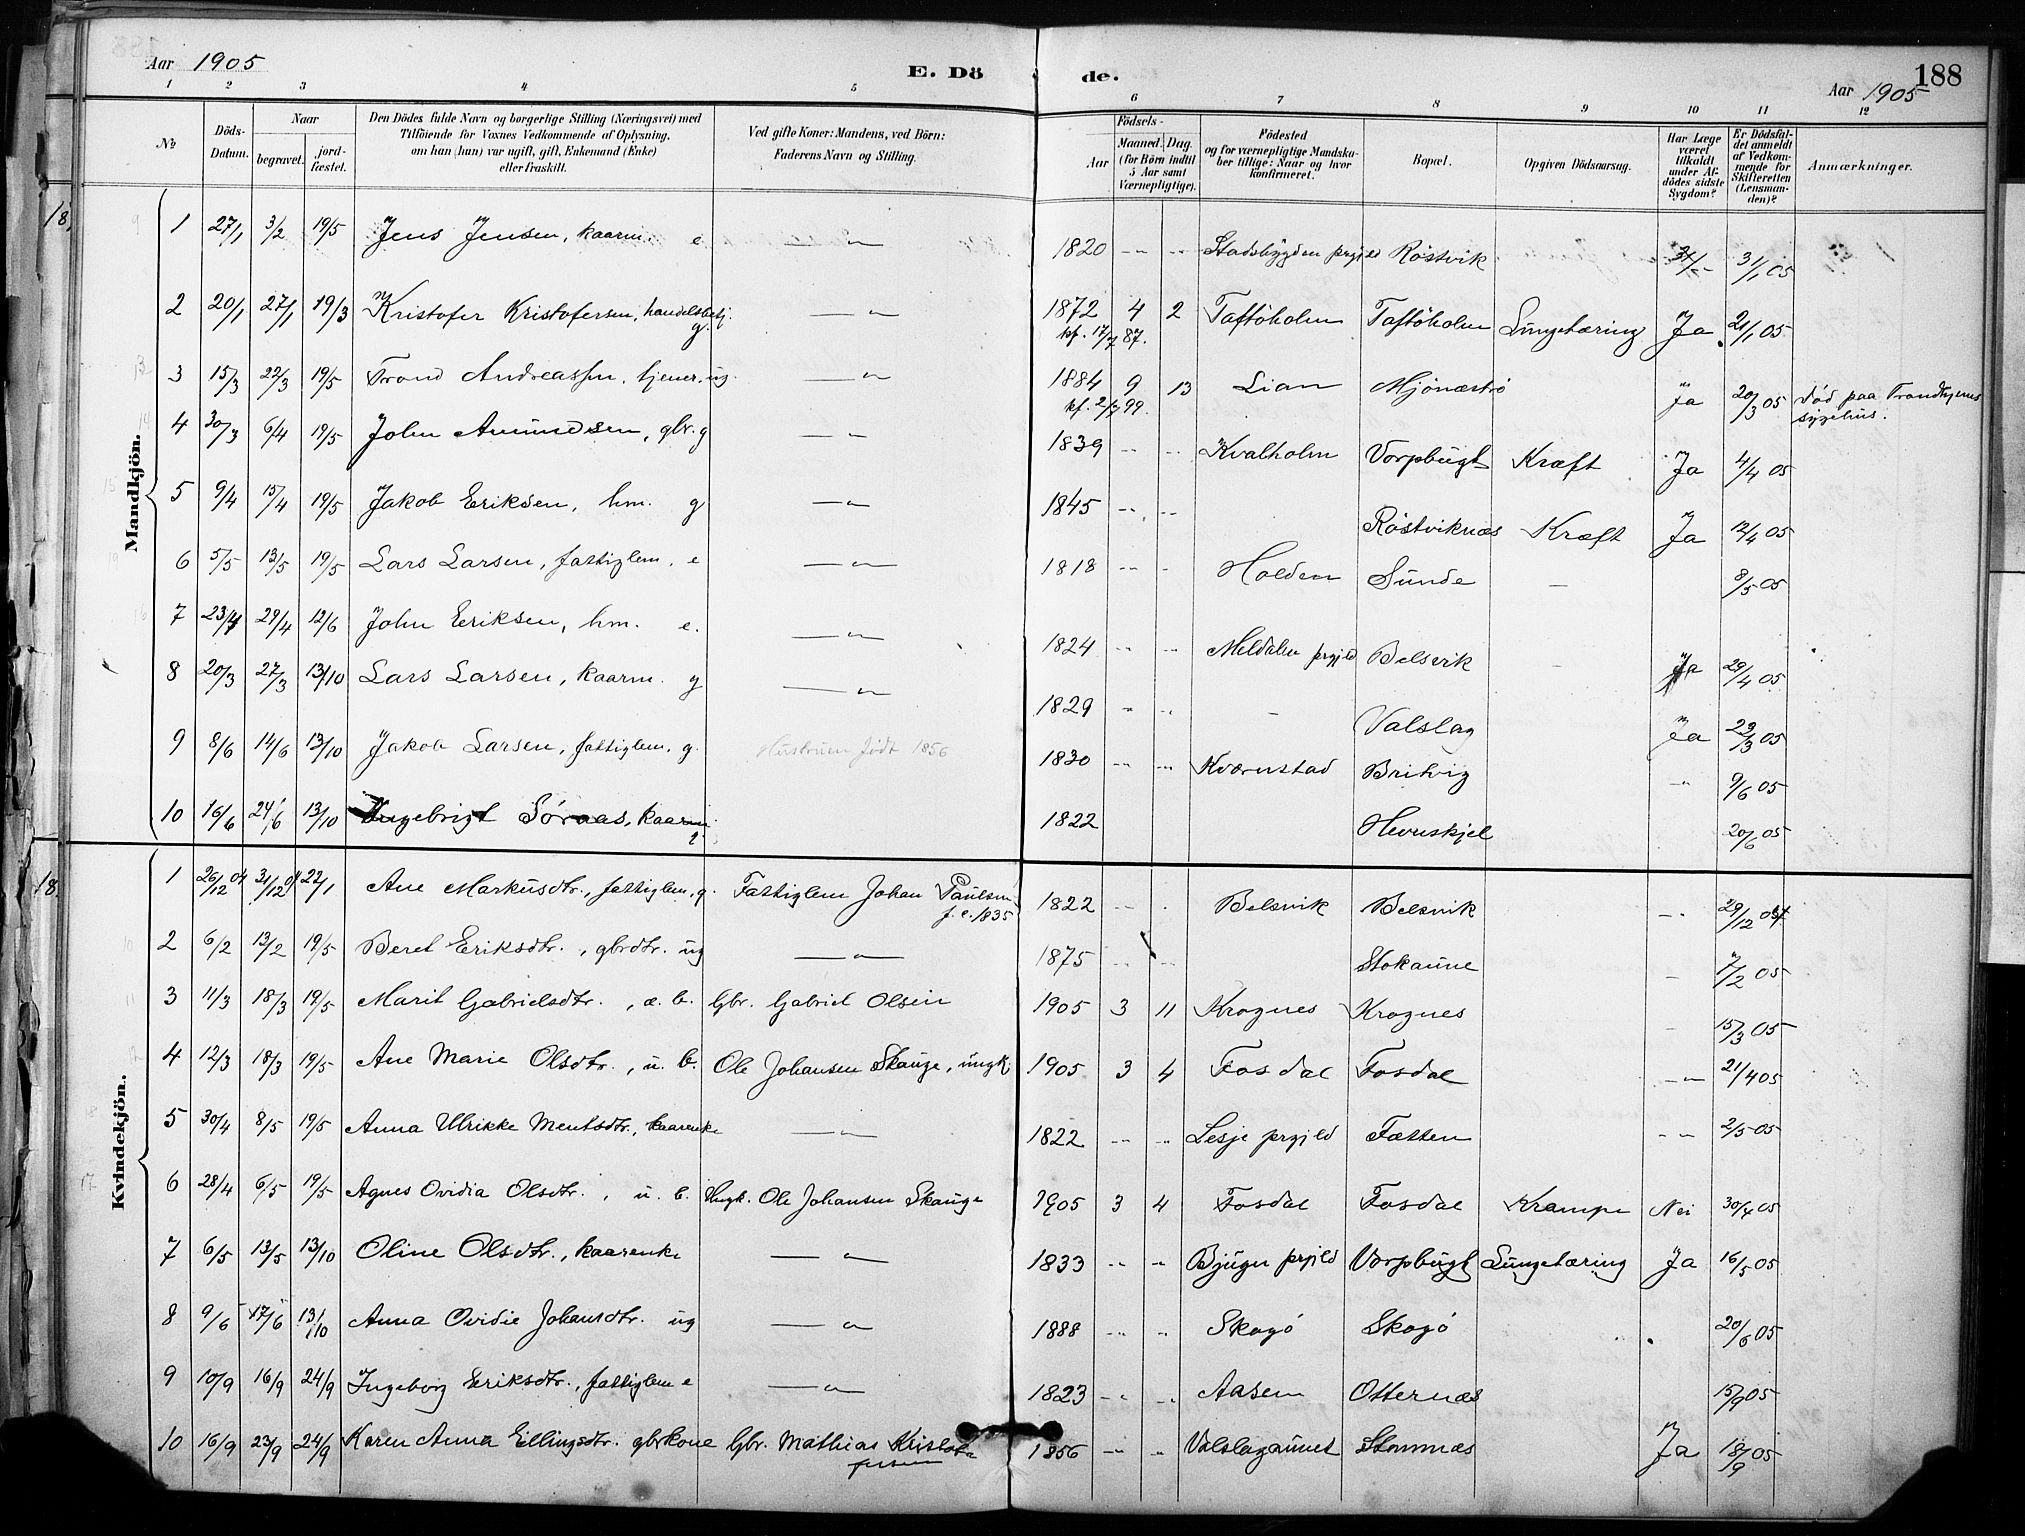 SAT, Ministerialprotokoller, klokkerbøker og fødselsregistre - Sør-Trøndelag, 633/L0518: Ministerialbok nr. 633A01, 1884-1906, s. 188